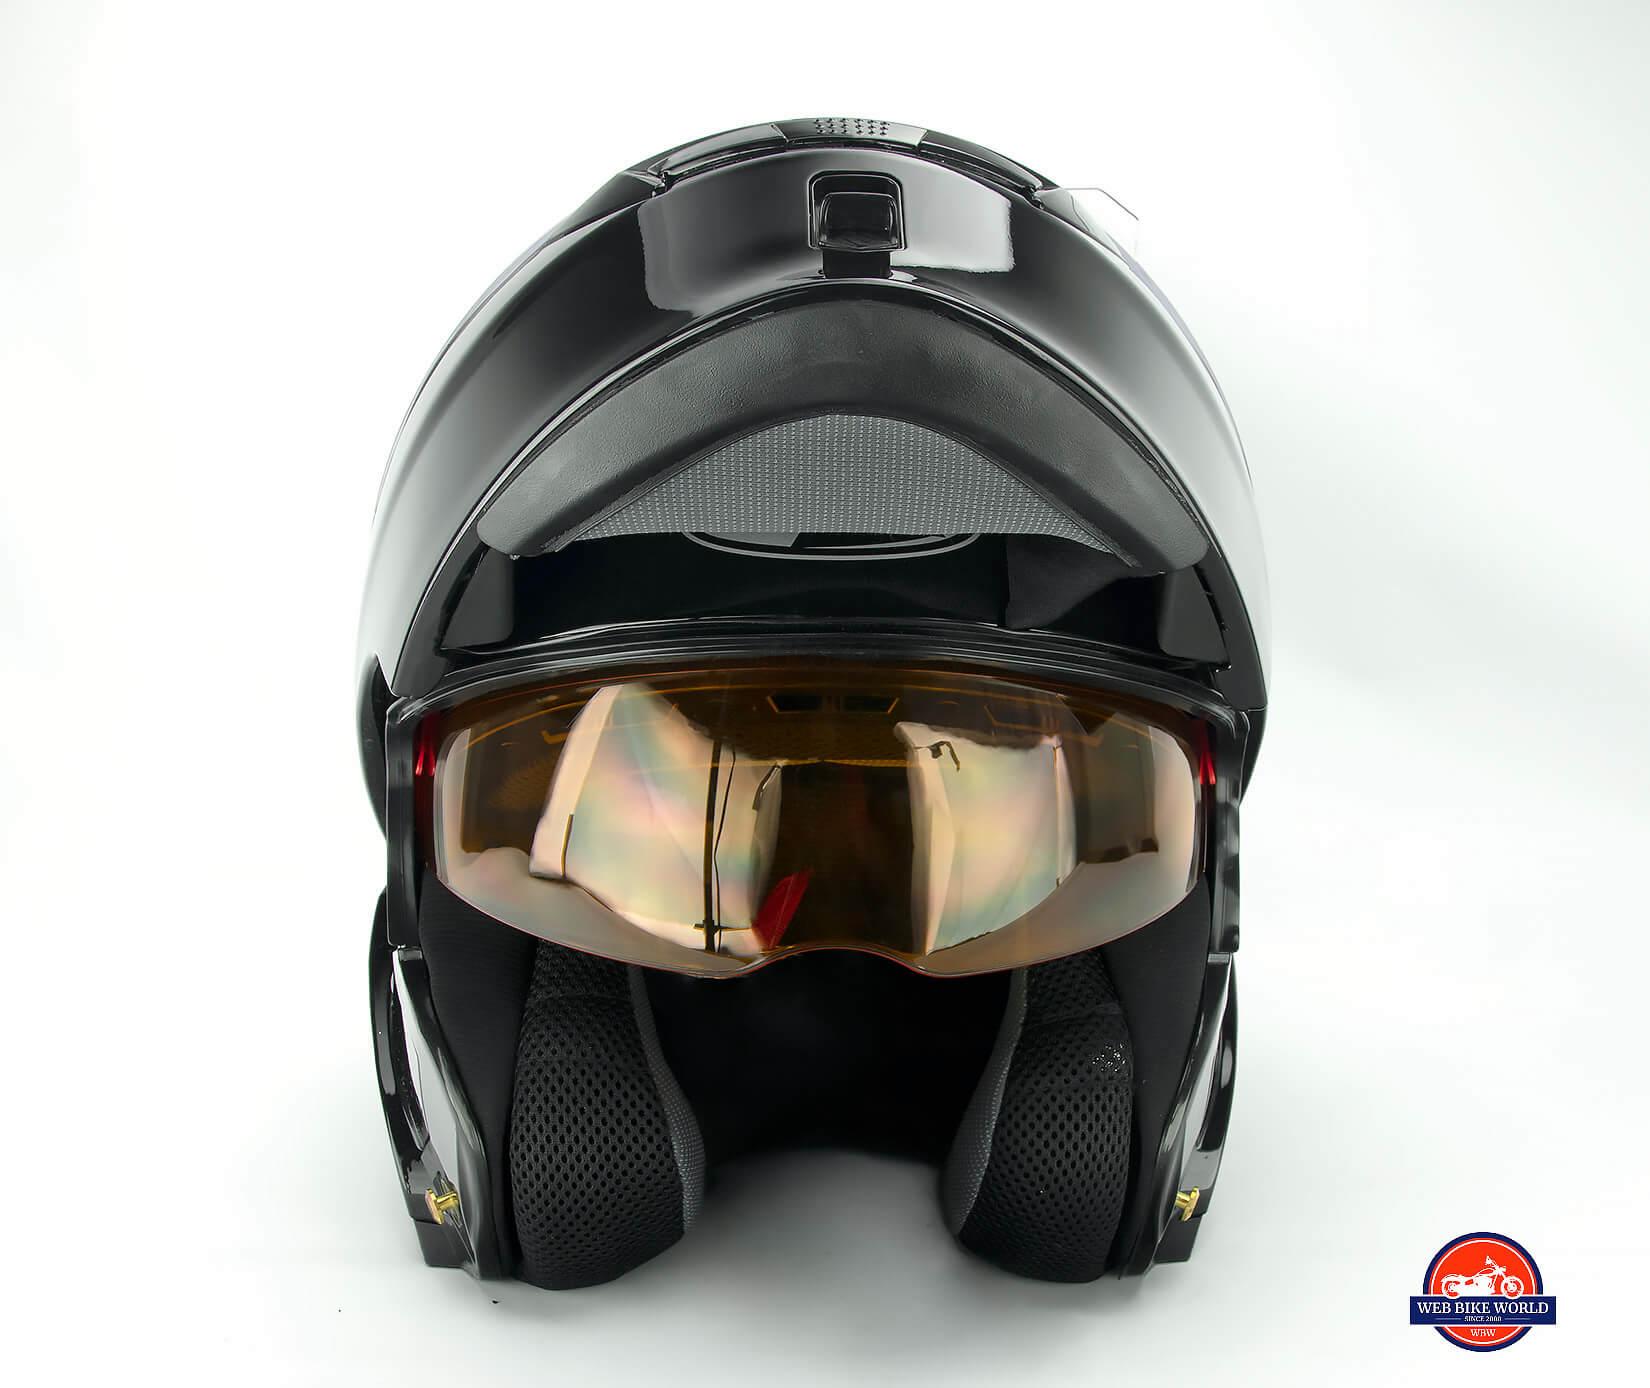 GMax MD01 helmet integrated sun visor lens.